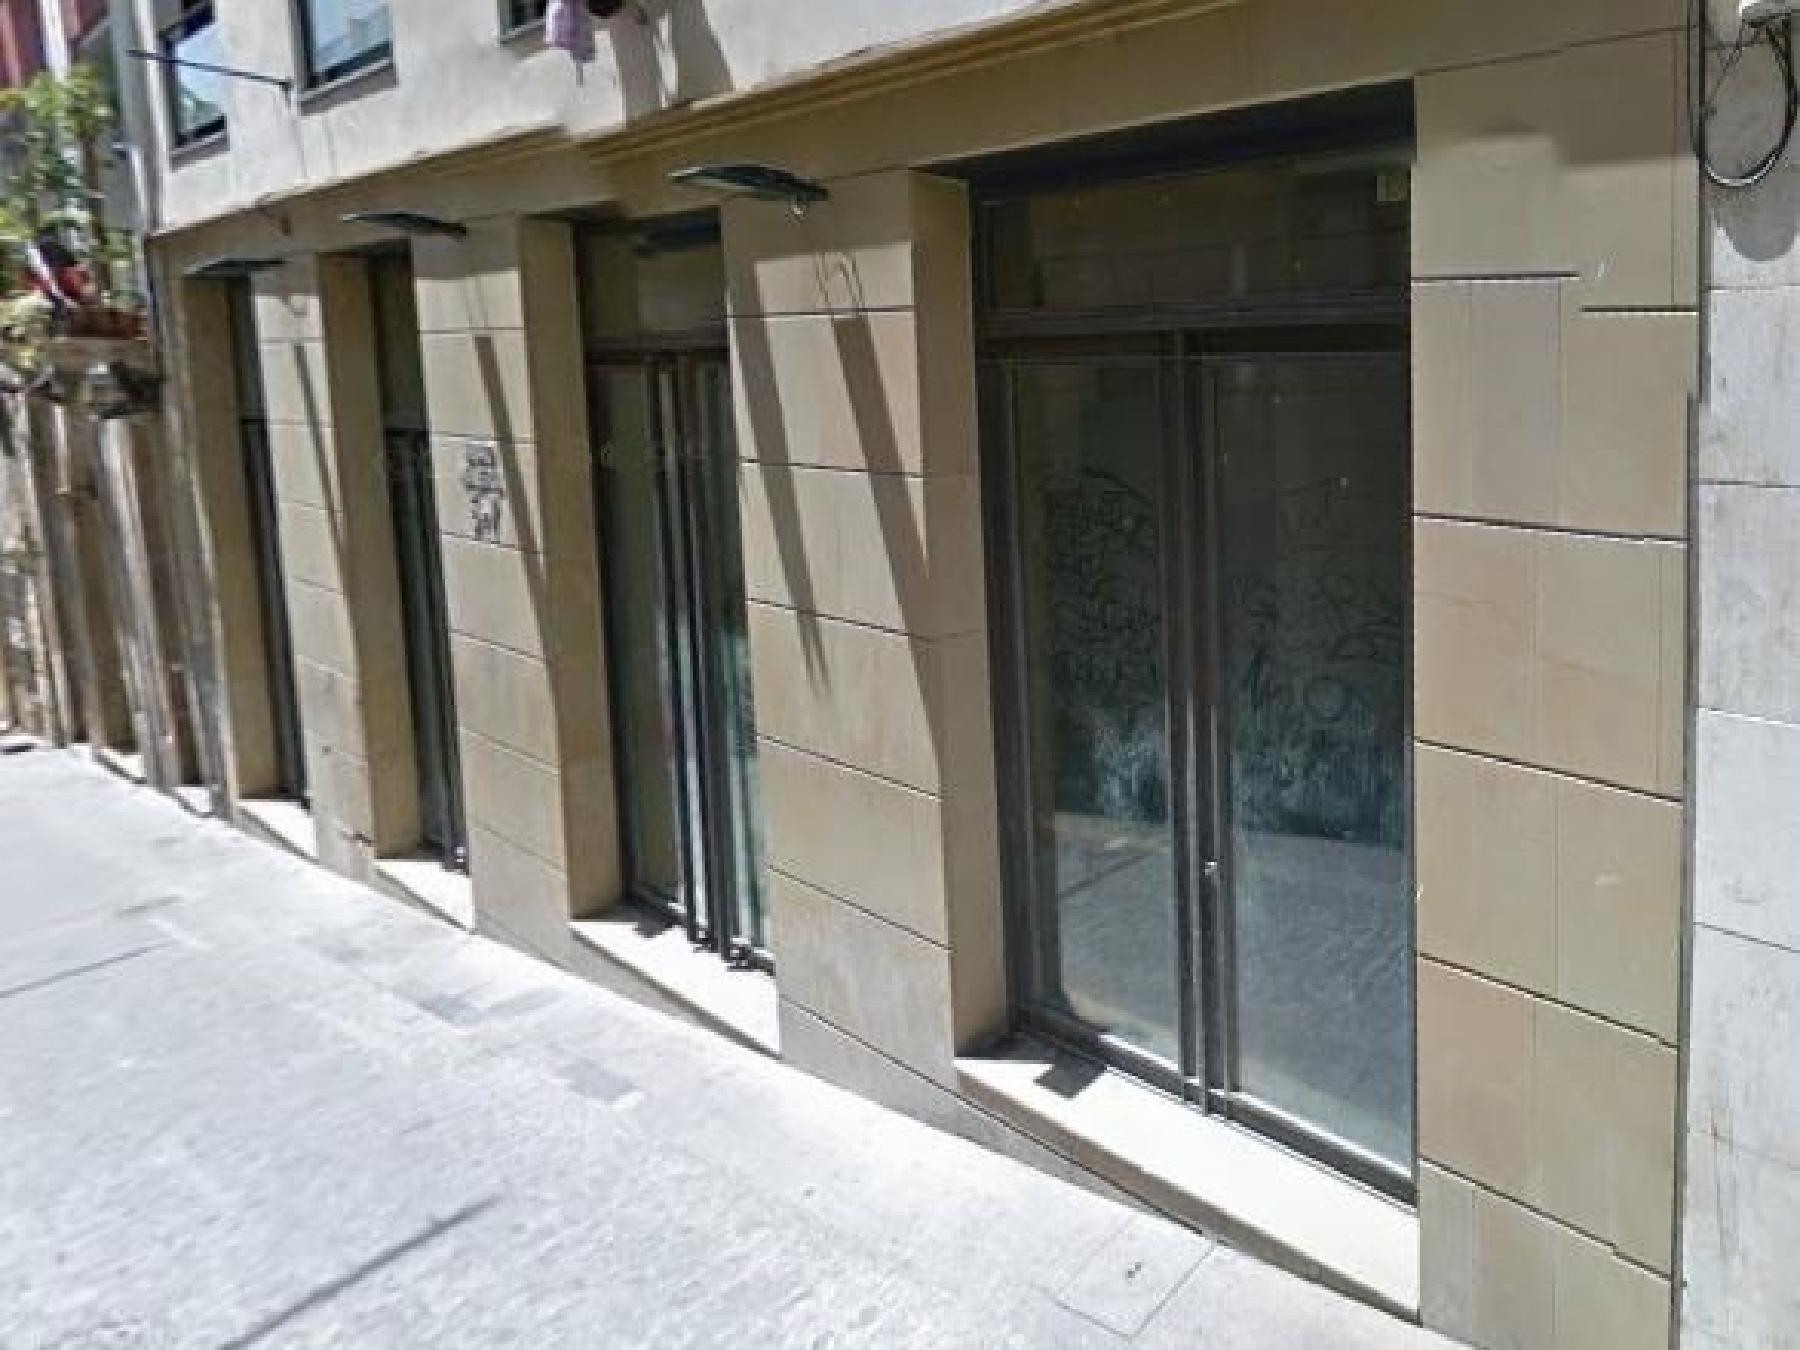 Local Comercial en Alicante (Ciudad)